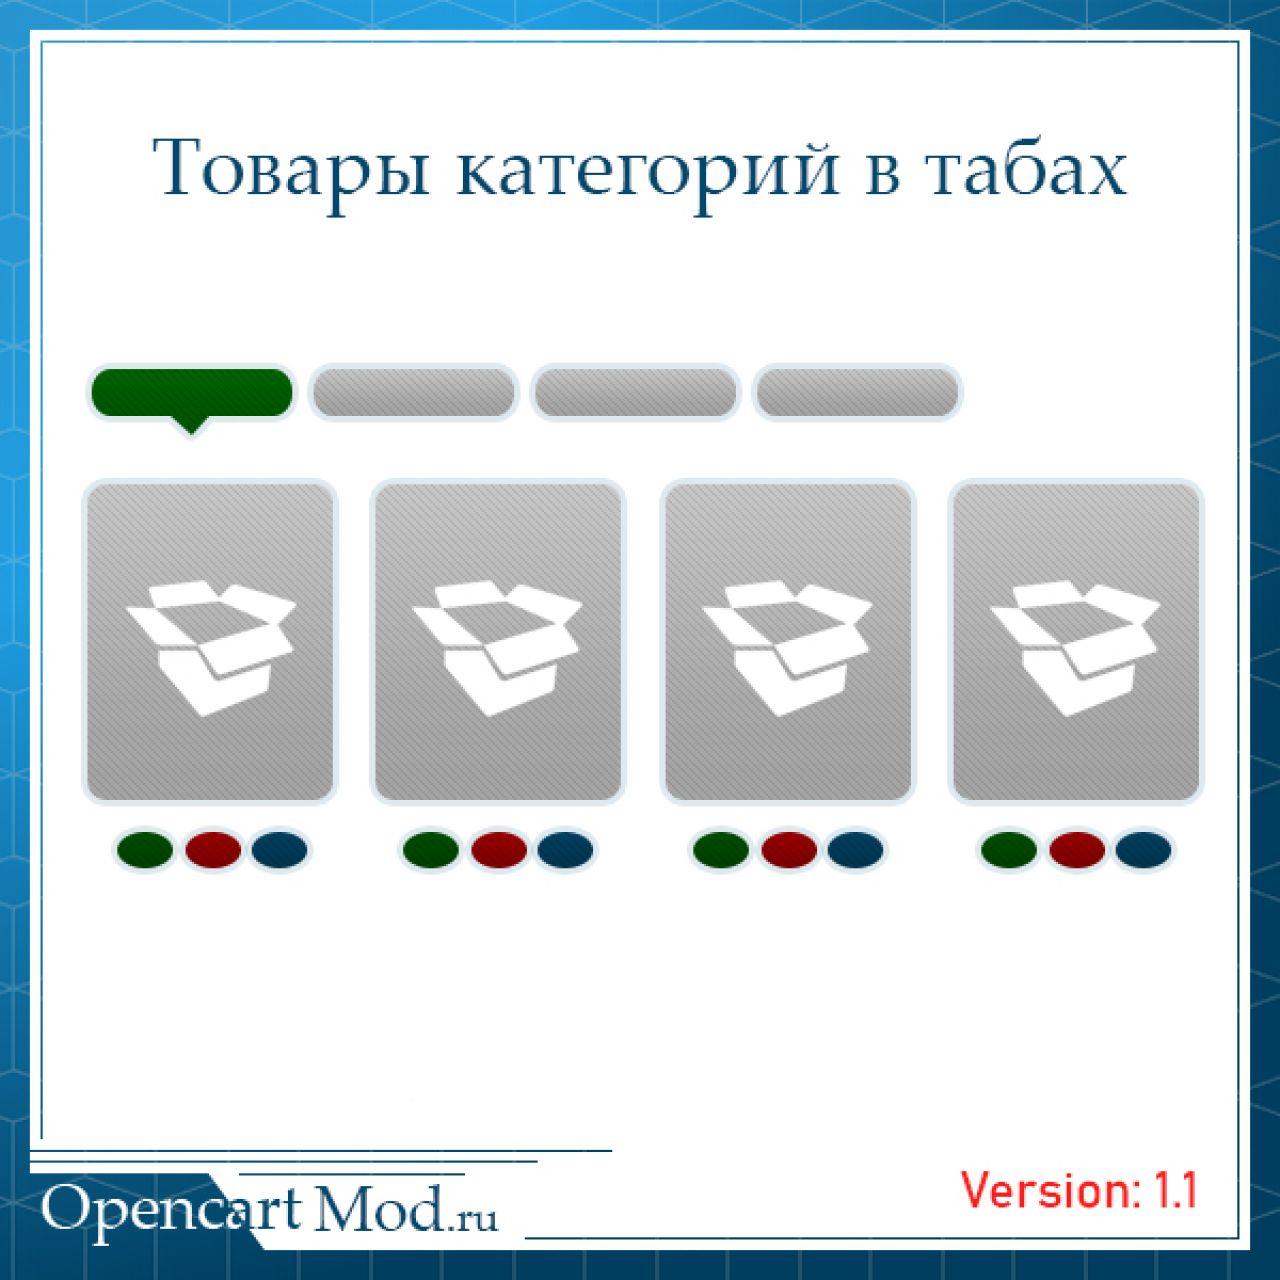 Товары категорий в табах из категории Прочие для CMS OpenCart (ОпенКарт)